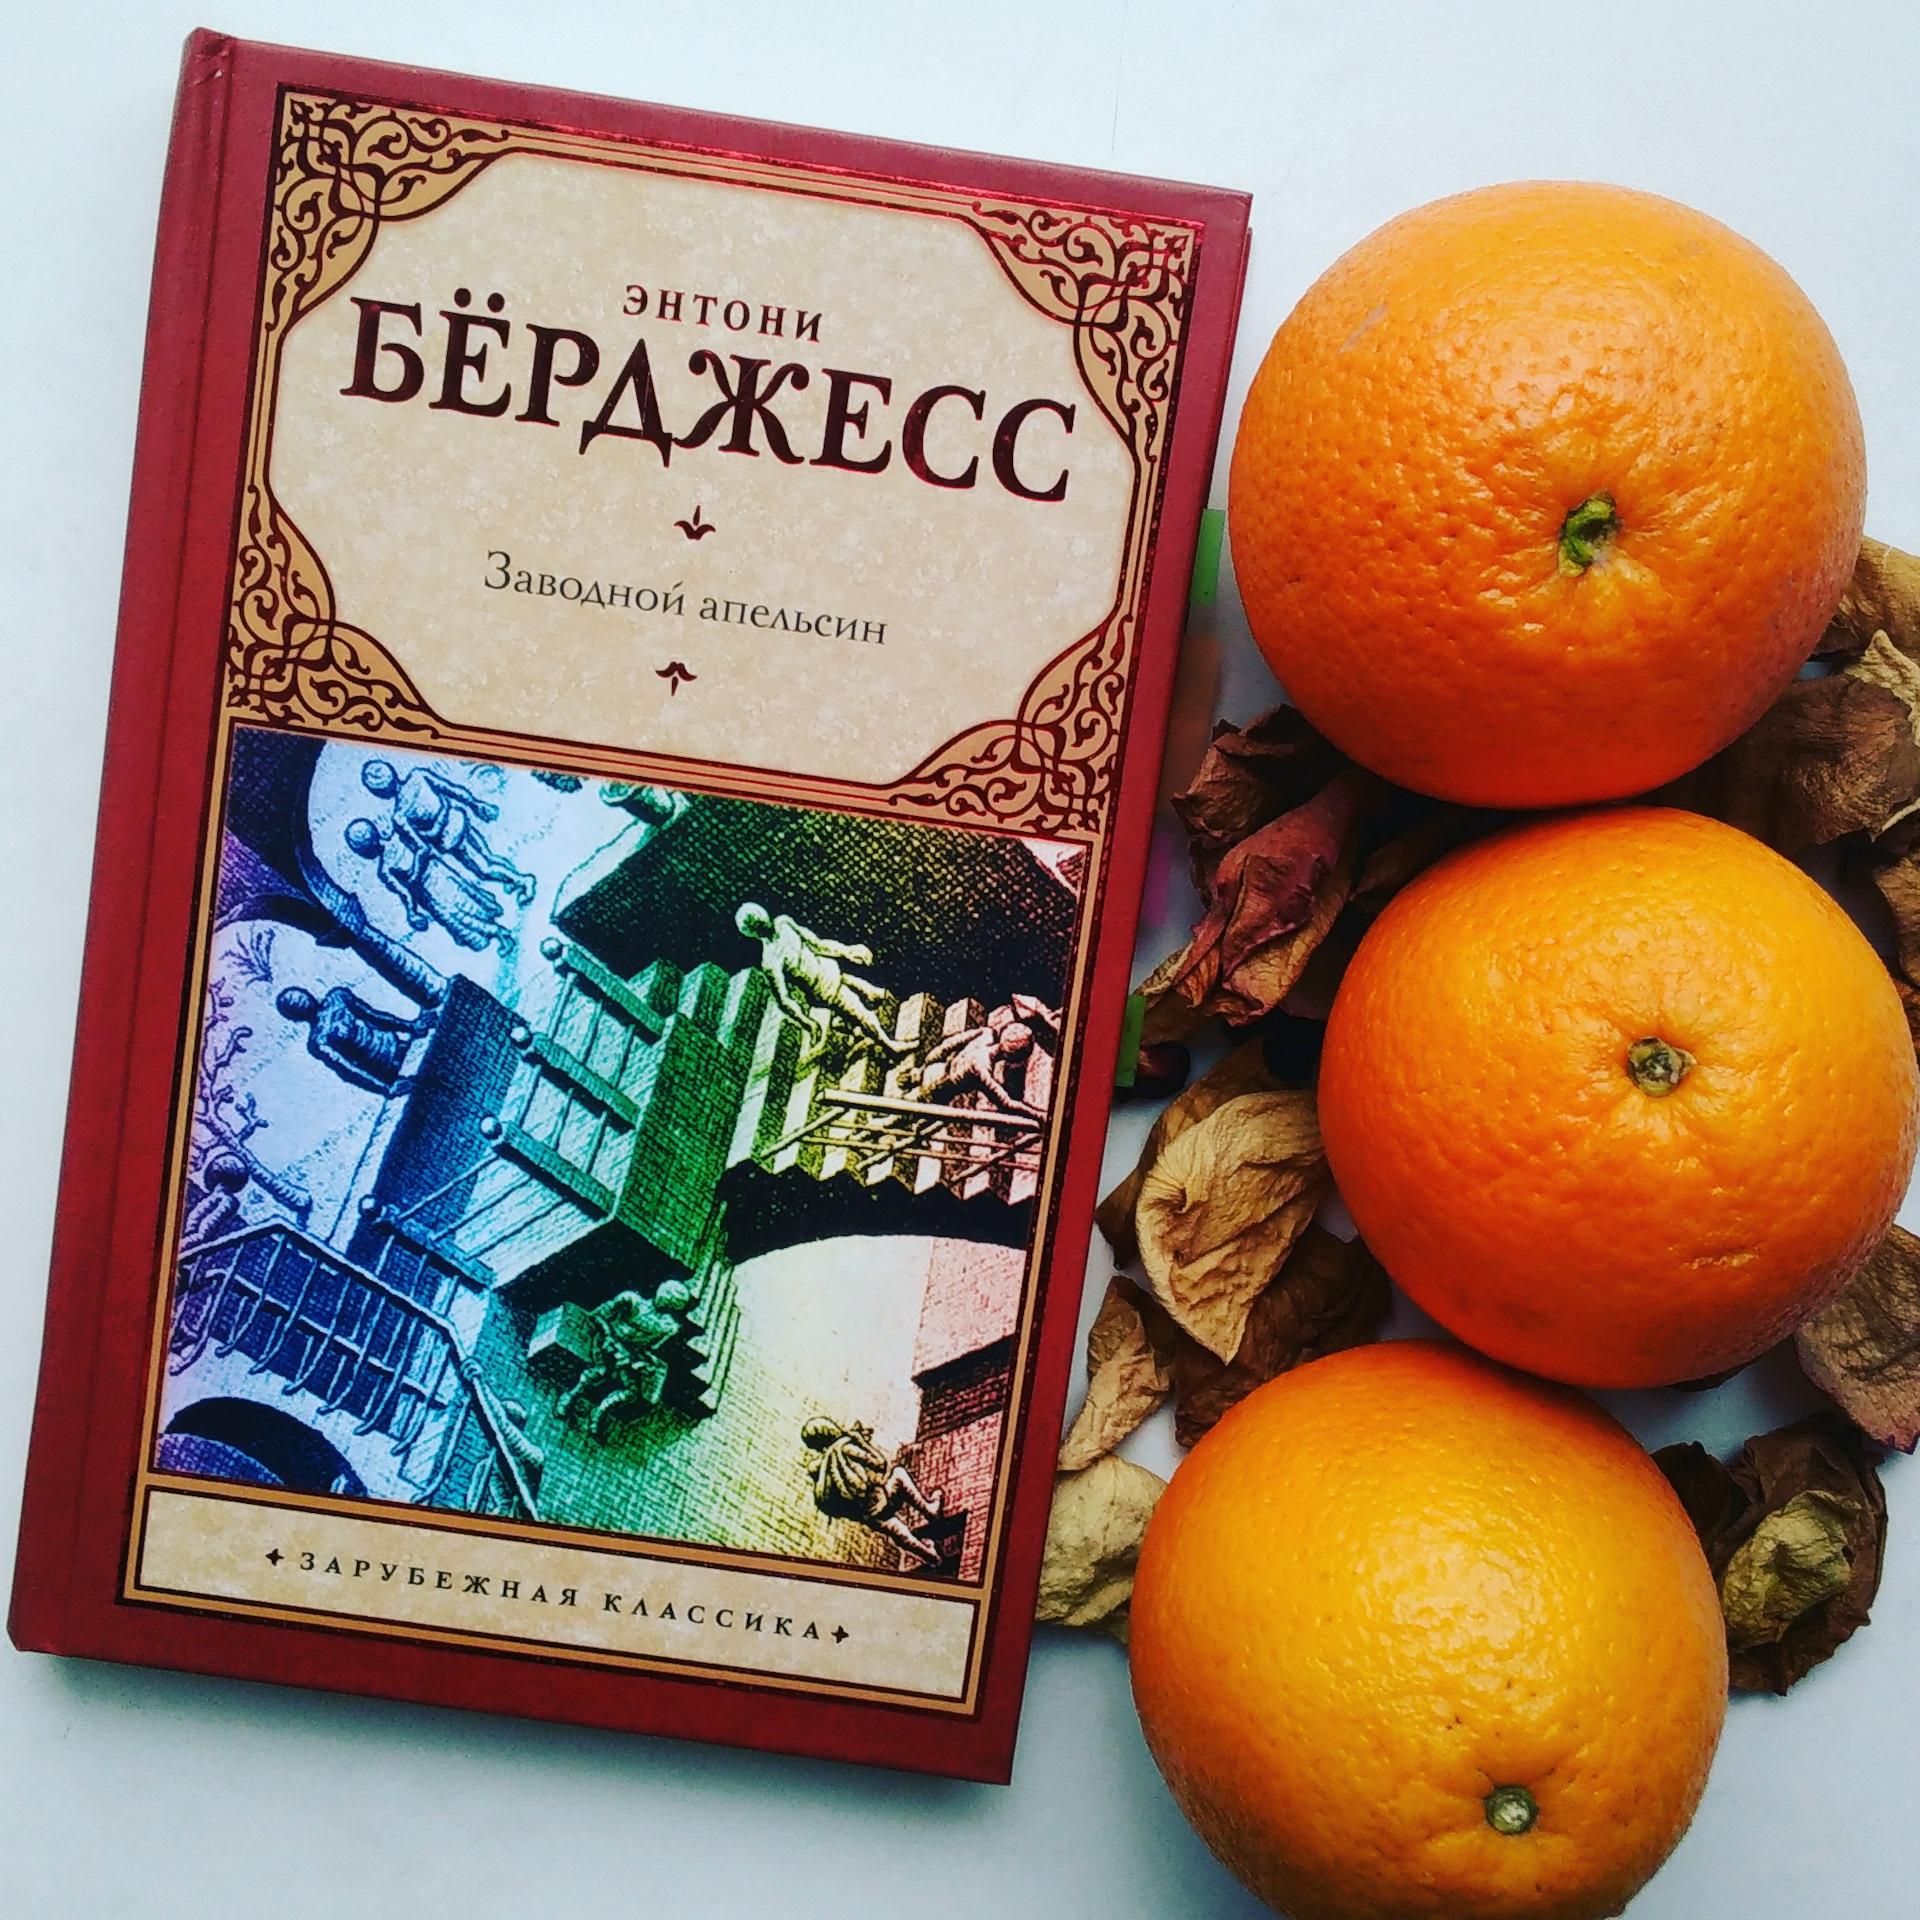 Картинки по запросу заводной апельсин читать